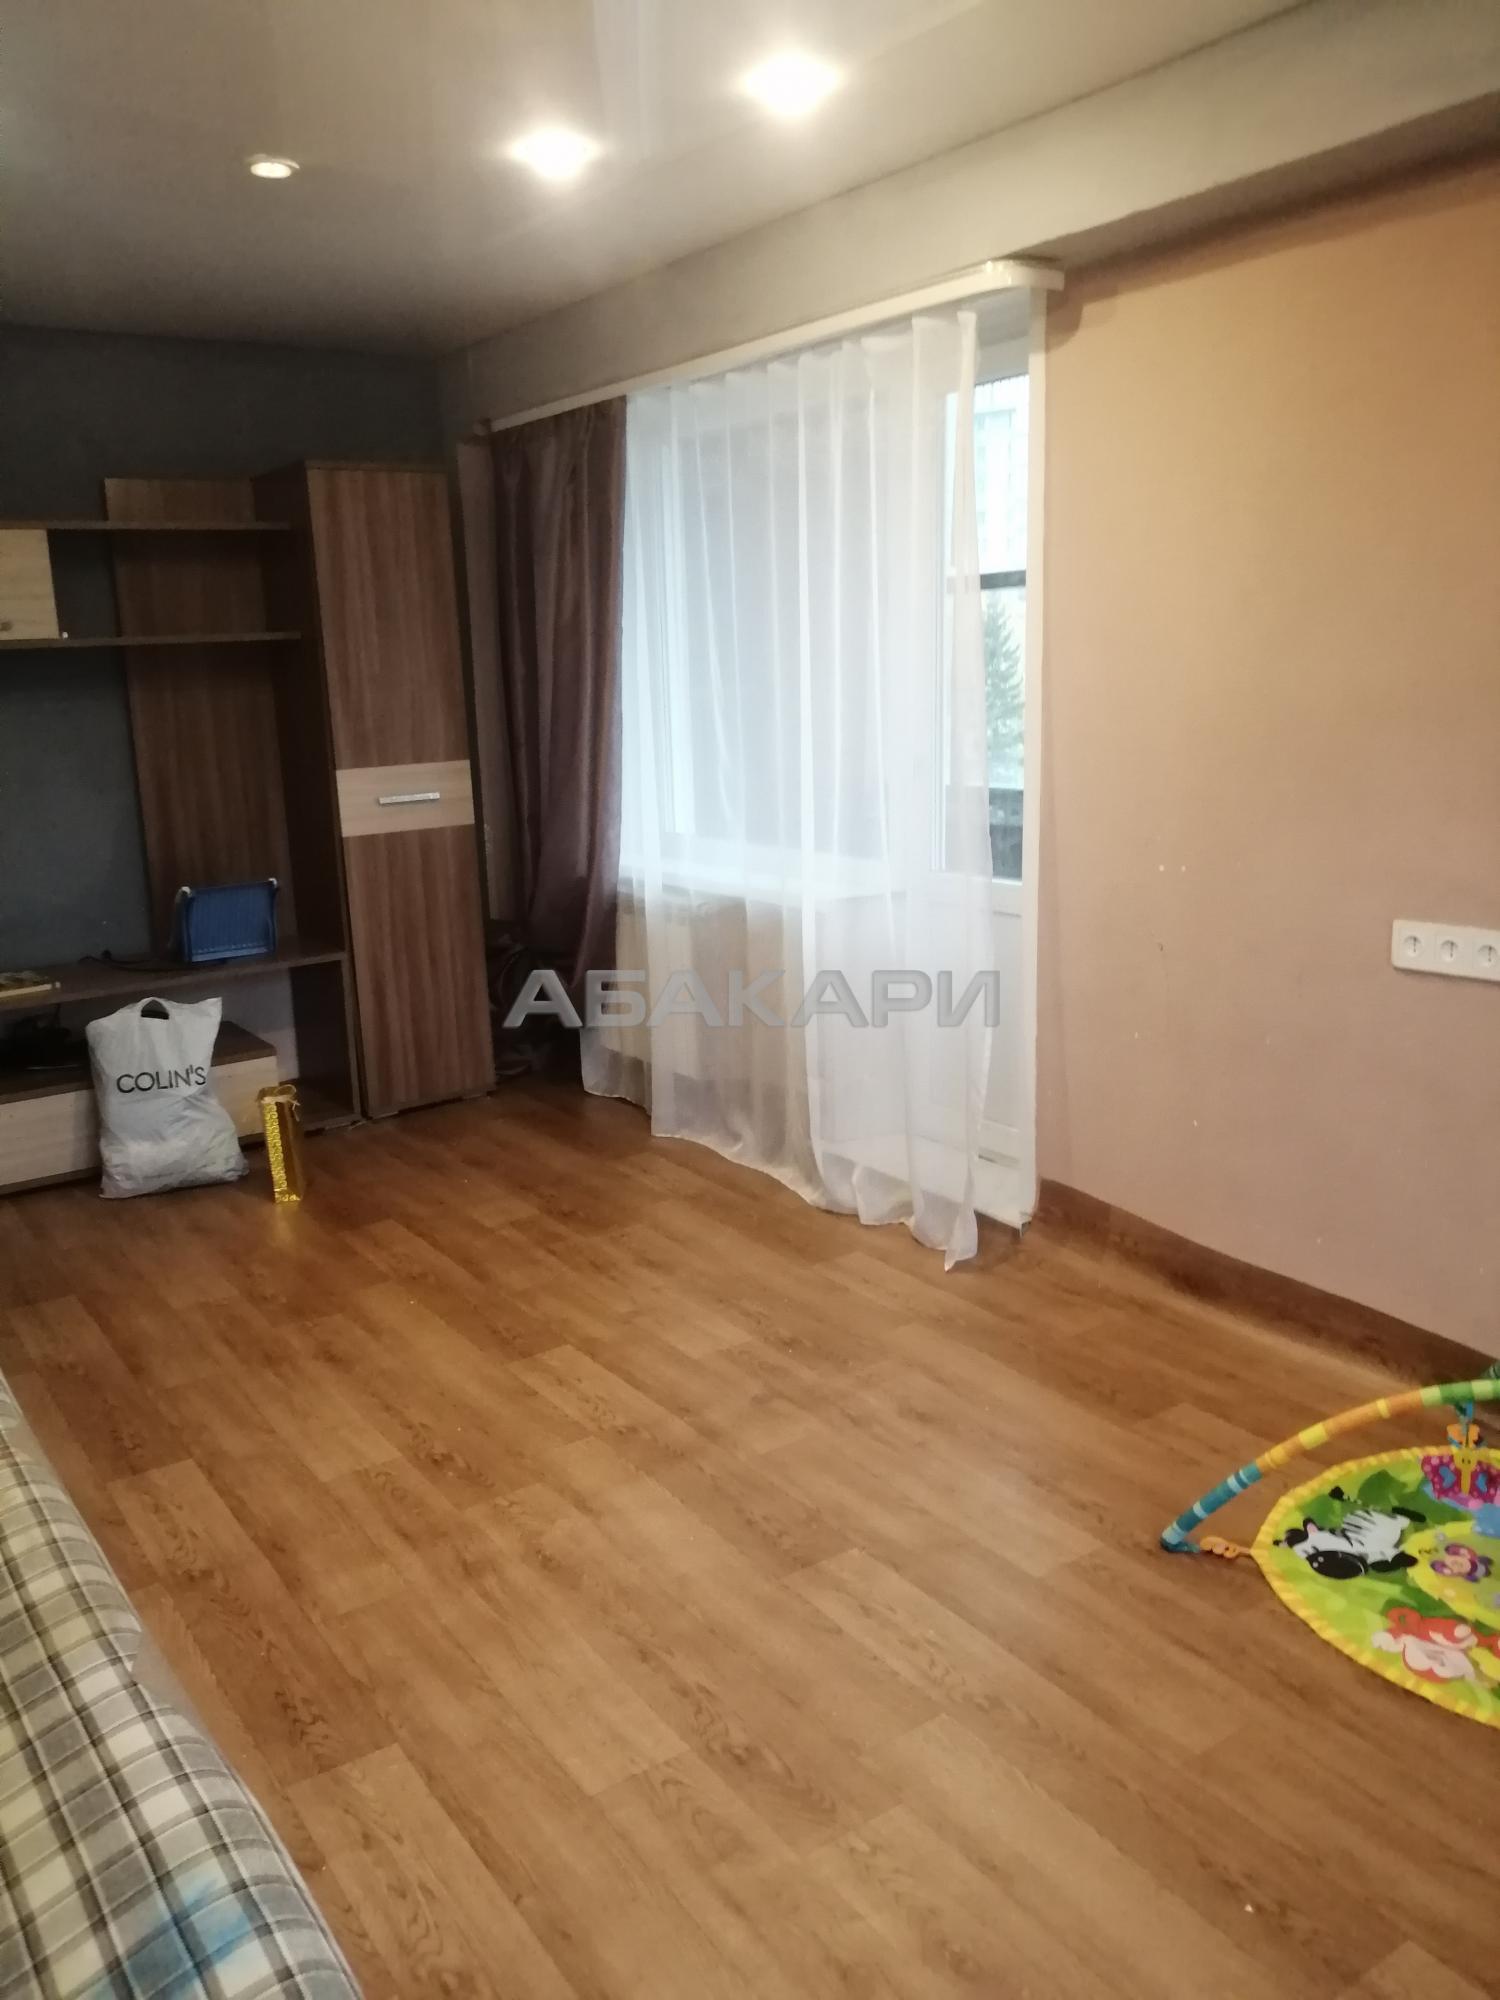 1к квартира улица Малиновского, 2А 5/5 - 42кв   11000   аренда в Красноярске фото 5